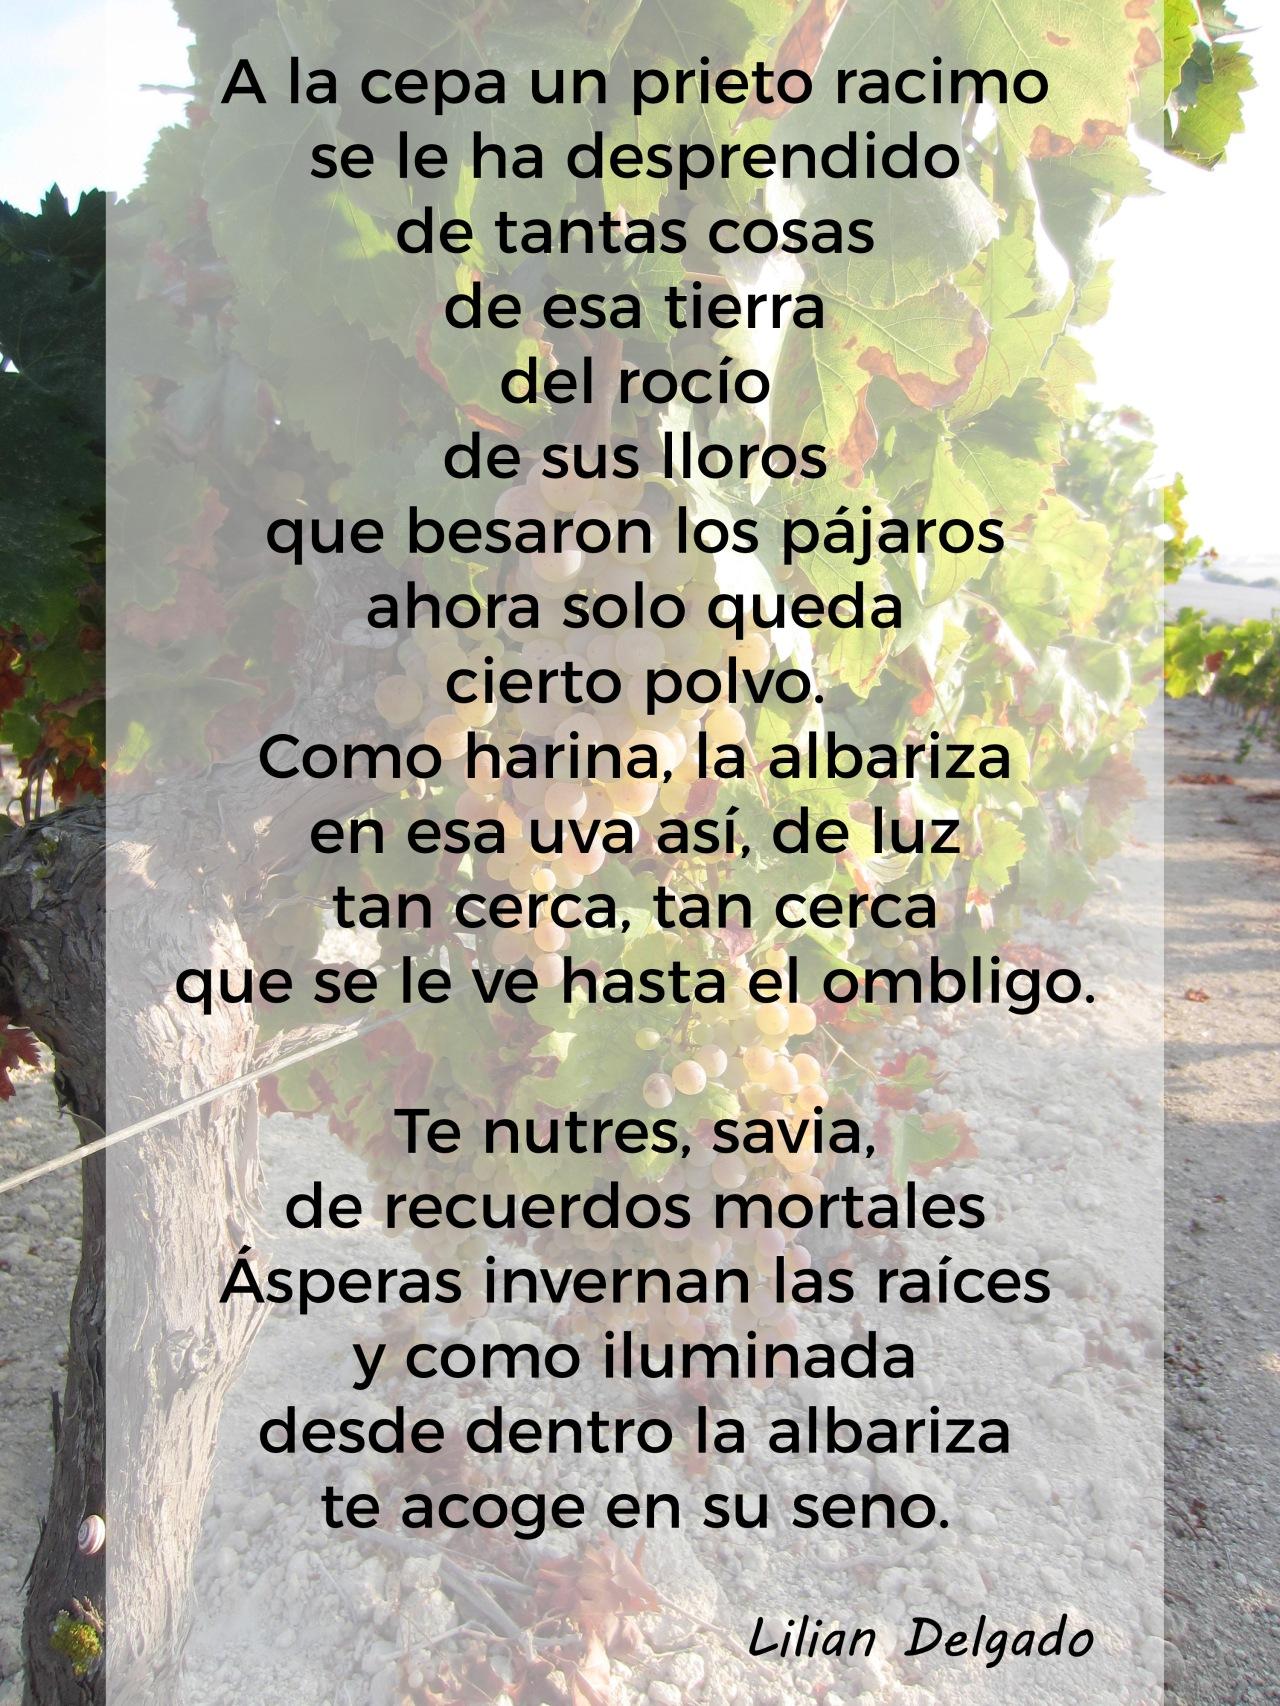 El arte de los Sherry Explorers: Poema de Lilian Delgado(Spanish)